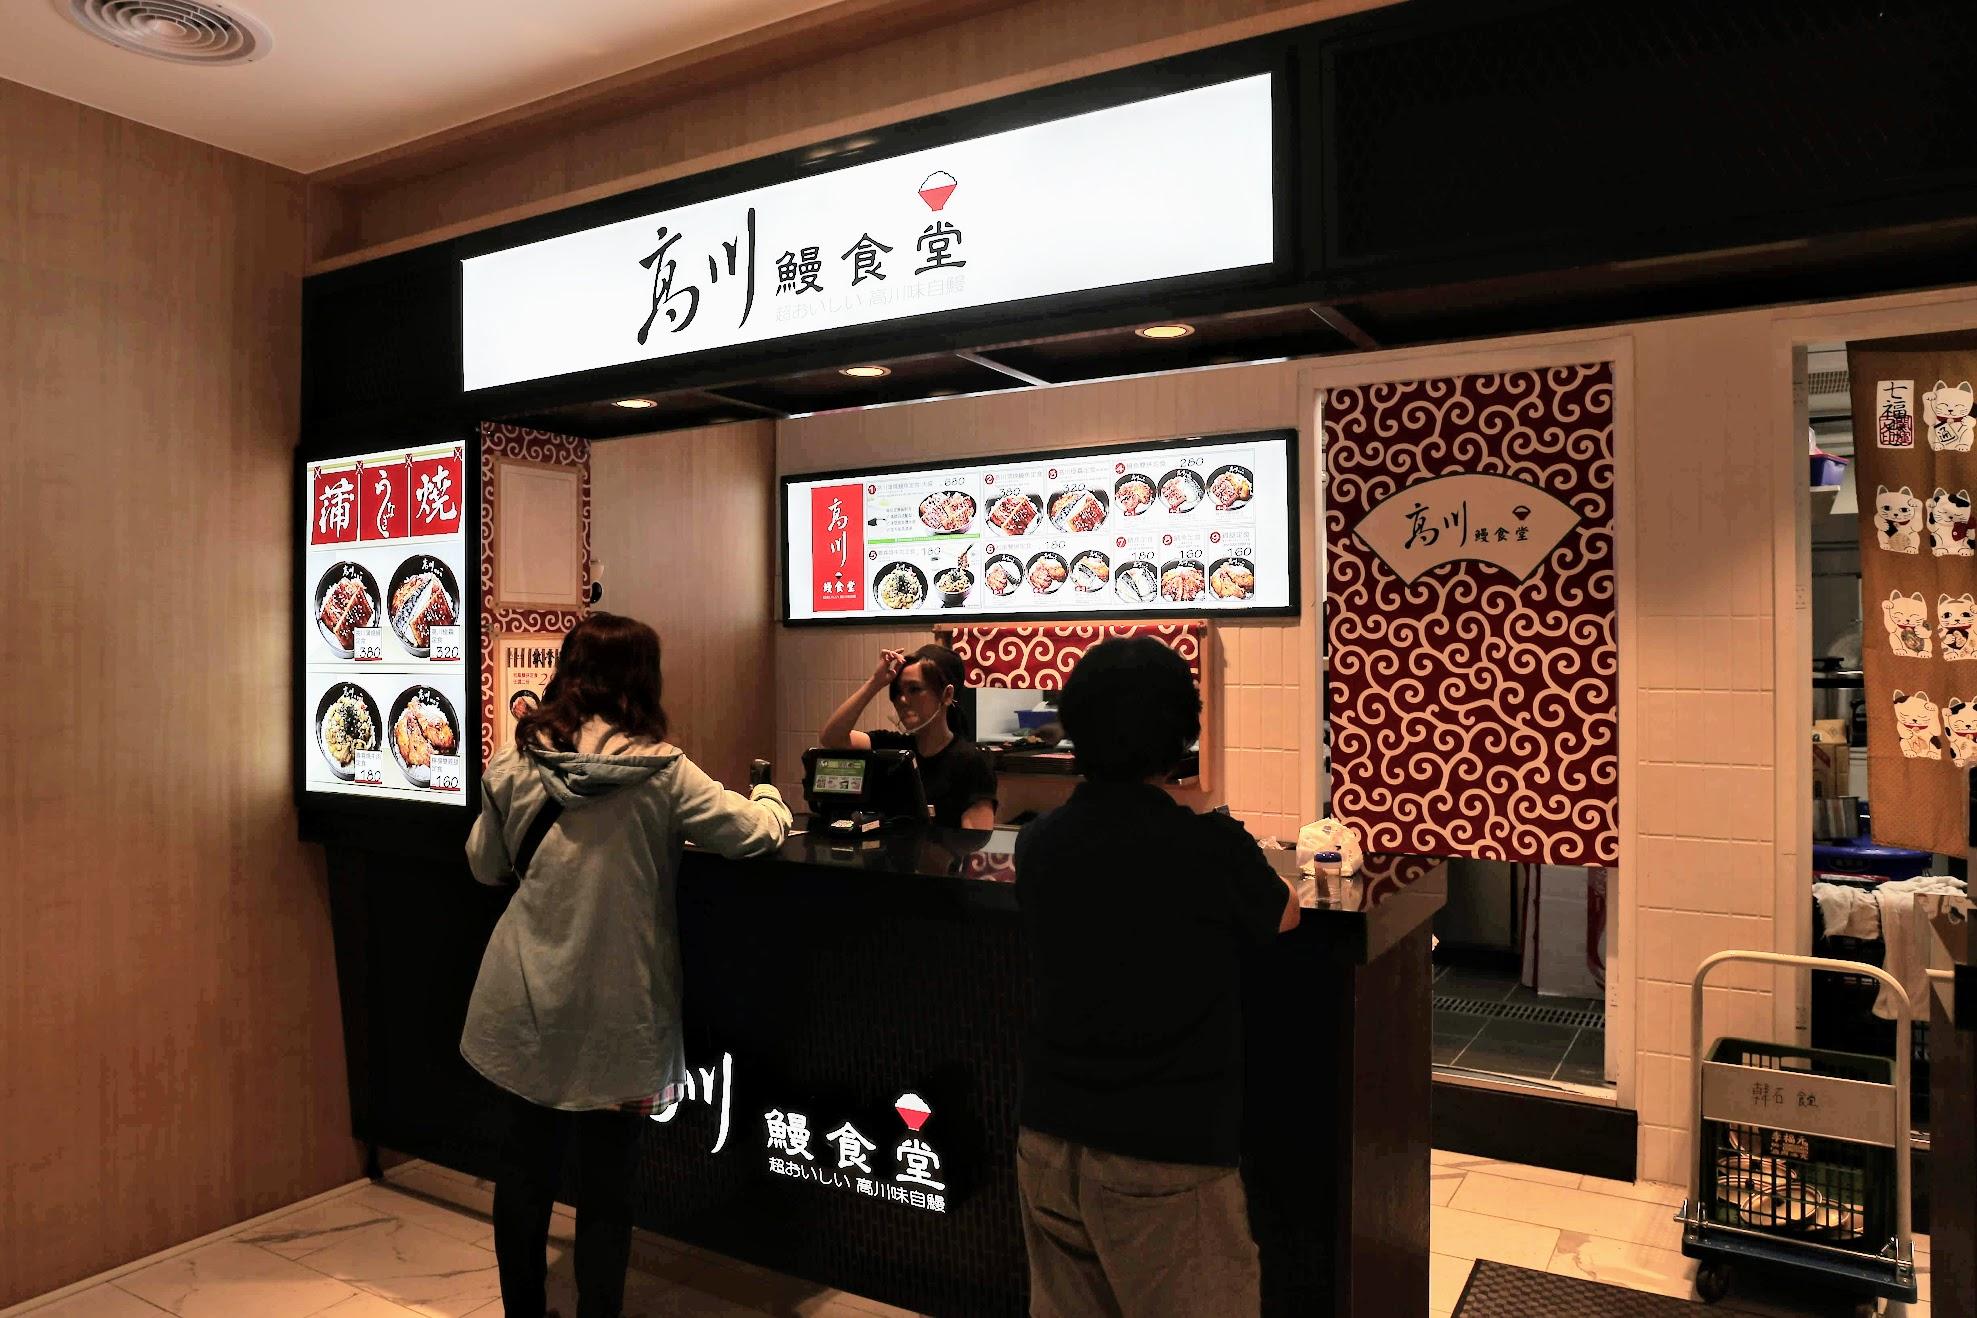 高川鰻食堂,在悦誠廣場B1